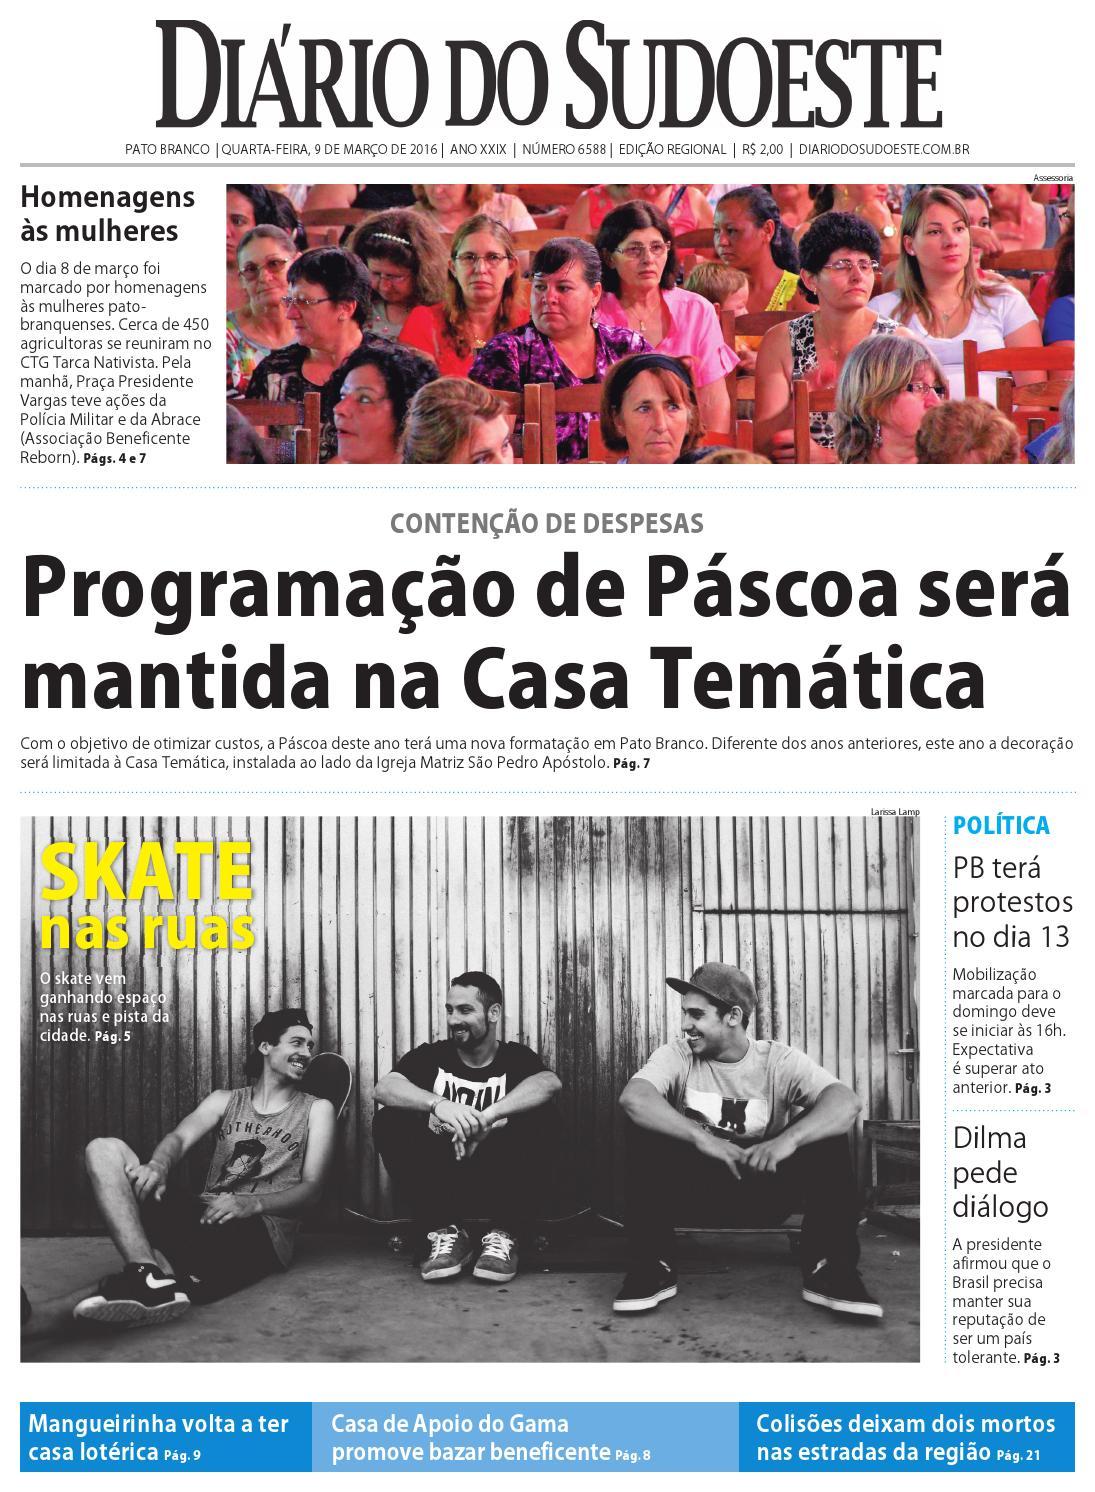 Diário do sudoeste 09 de março de 2016 ed 6588 by Diário do Sudoeste - issuu 9aa6406f1a